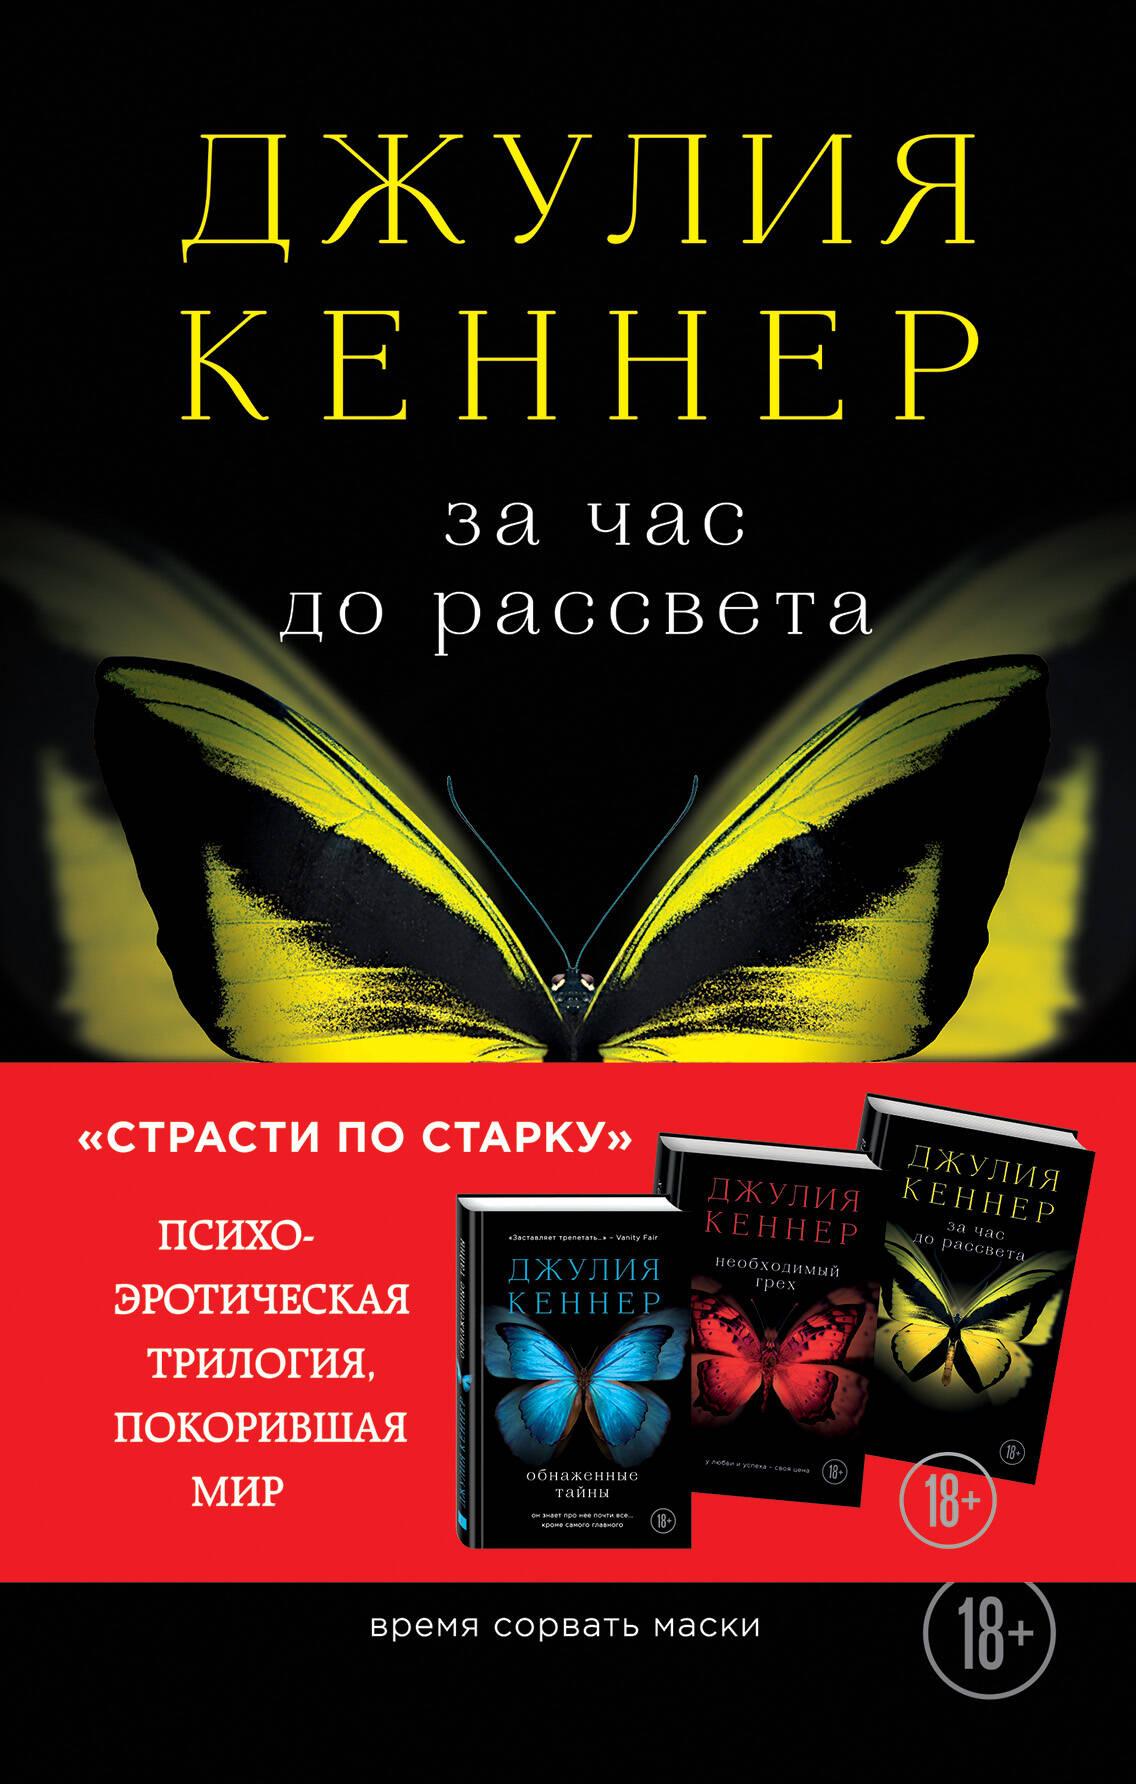 ДЖУЛИЯ КЕННЕР ОБНАРУЖЕННЫЕ ТАЙНЫ СКАЧАТЬ БЕСПЛАТНО